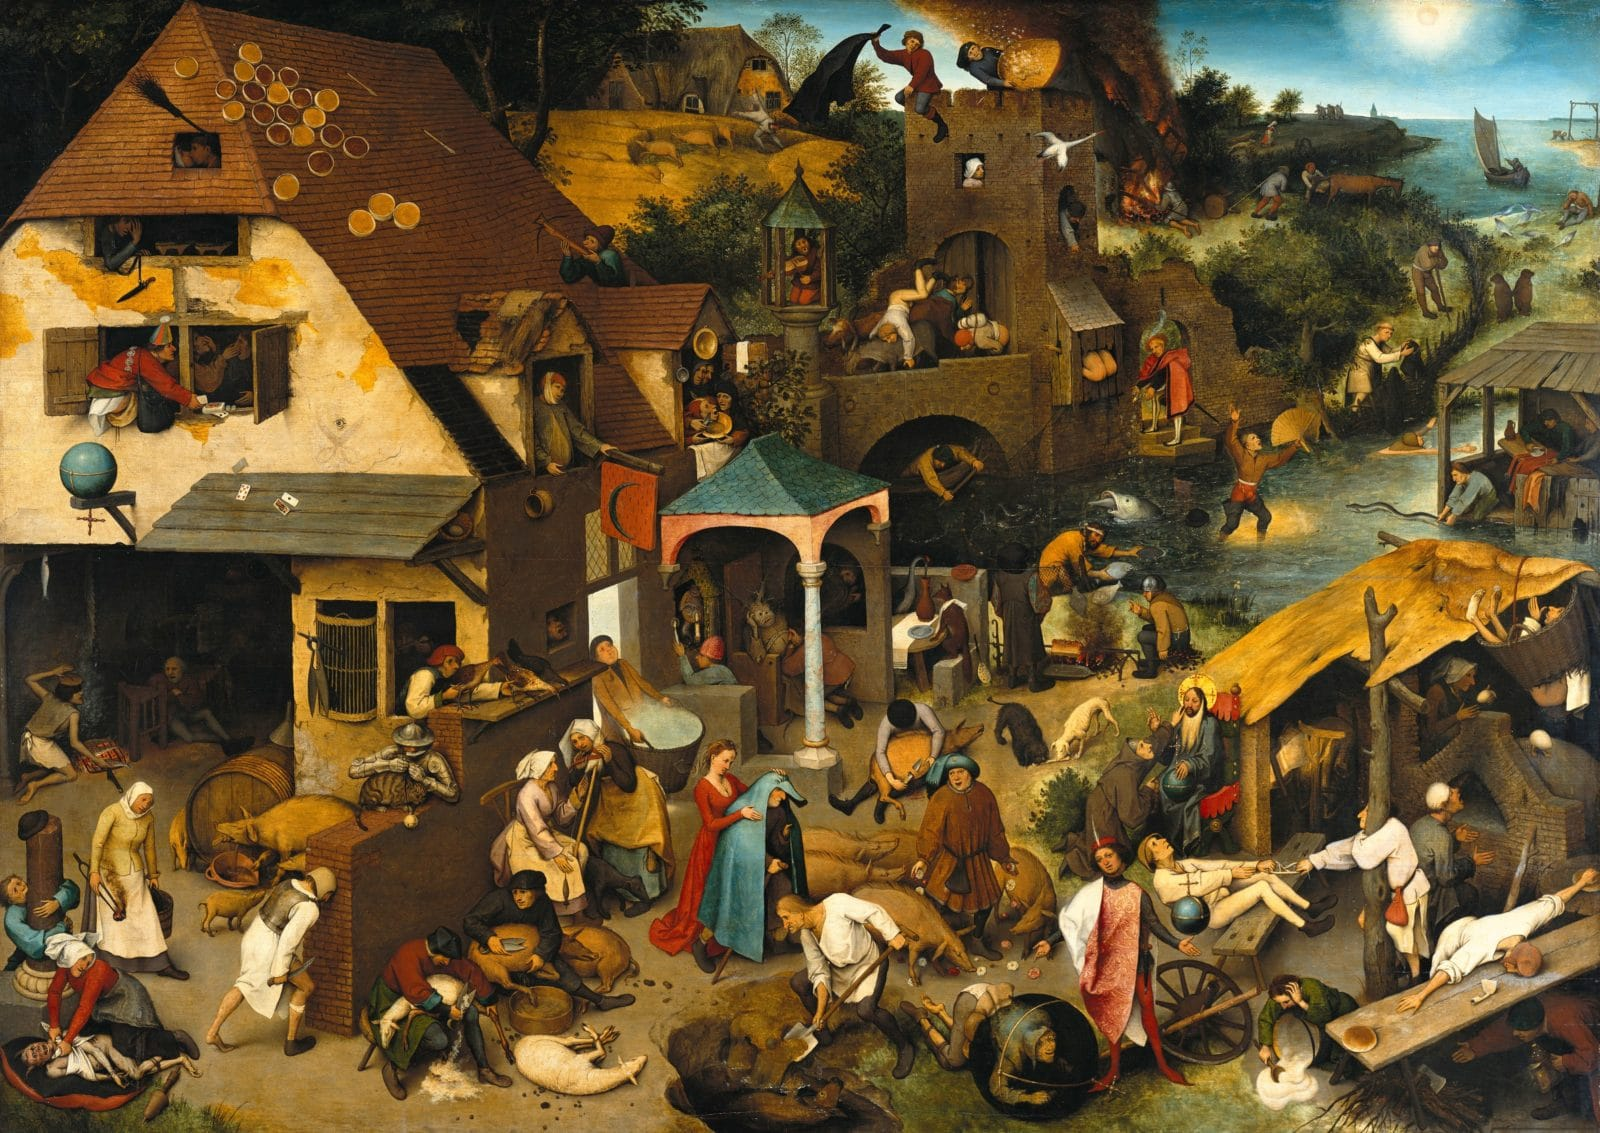 Pieter Bruegel de Oude, Nederlandse spreekwoorden, olieverf op paneel, 1559, Staatliche Museen zu Berlin